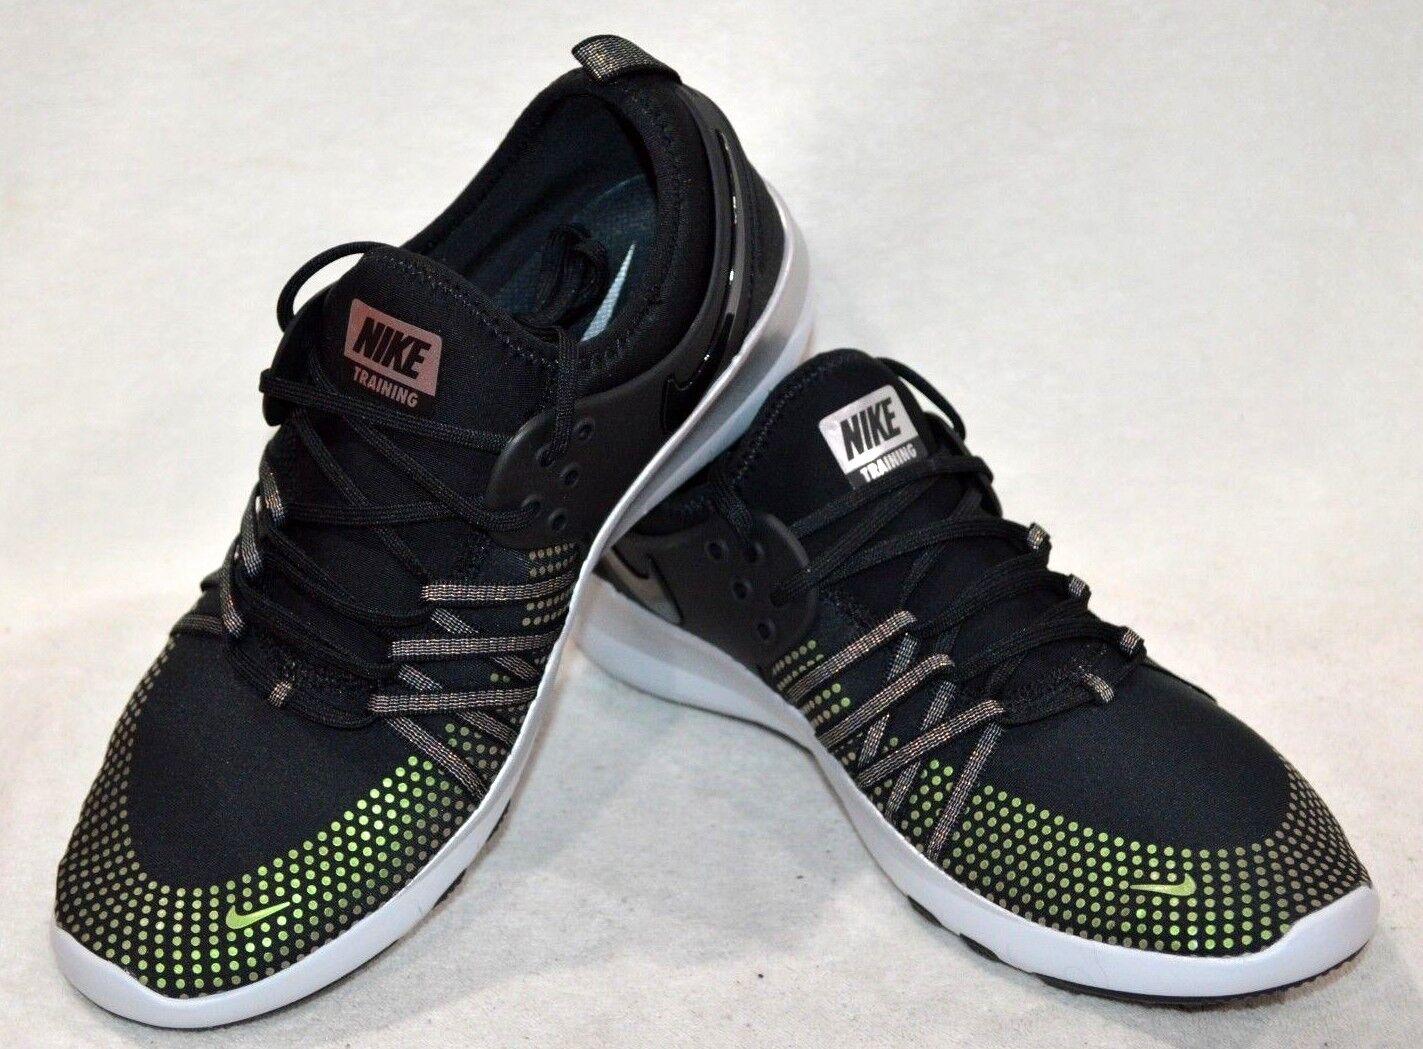 Nike Free Tr 7 MTLC Negro Negro Negro Platino Para Mujer Zapatos de entrenamiento-Tamaño 8.5 9 11 Nuevo Con Caja  Ahorre 60% de descuento y envío rápido a todo el mundo.